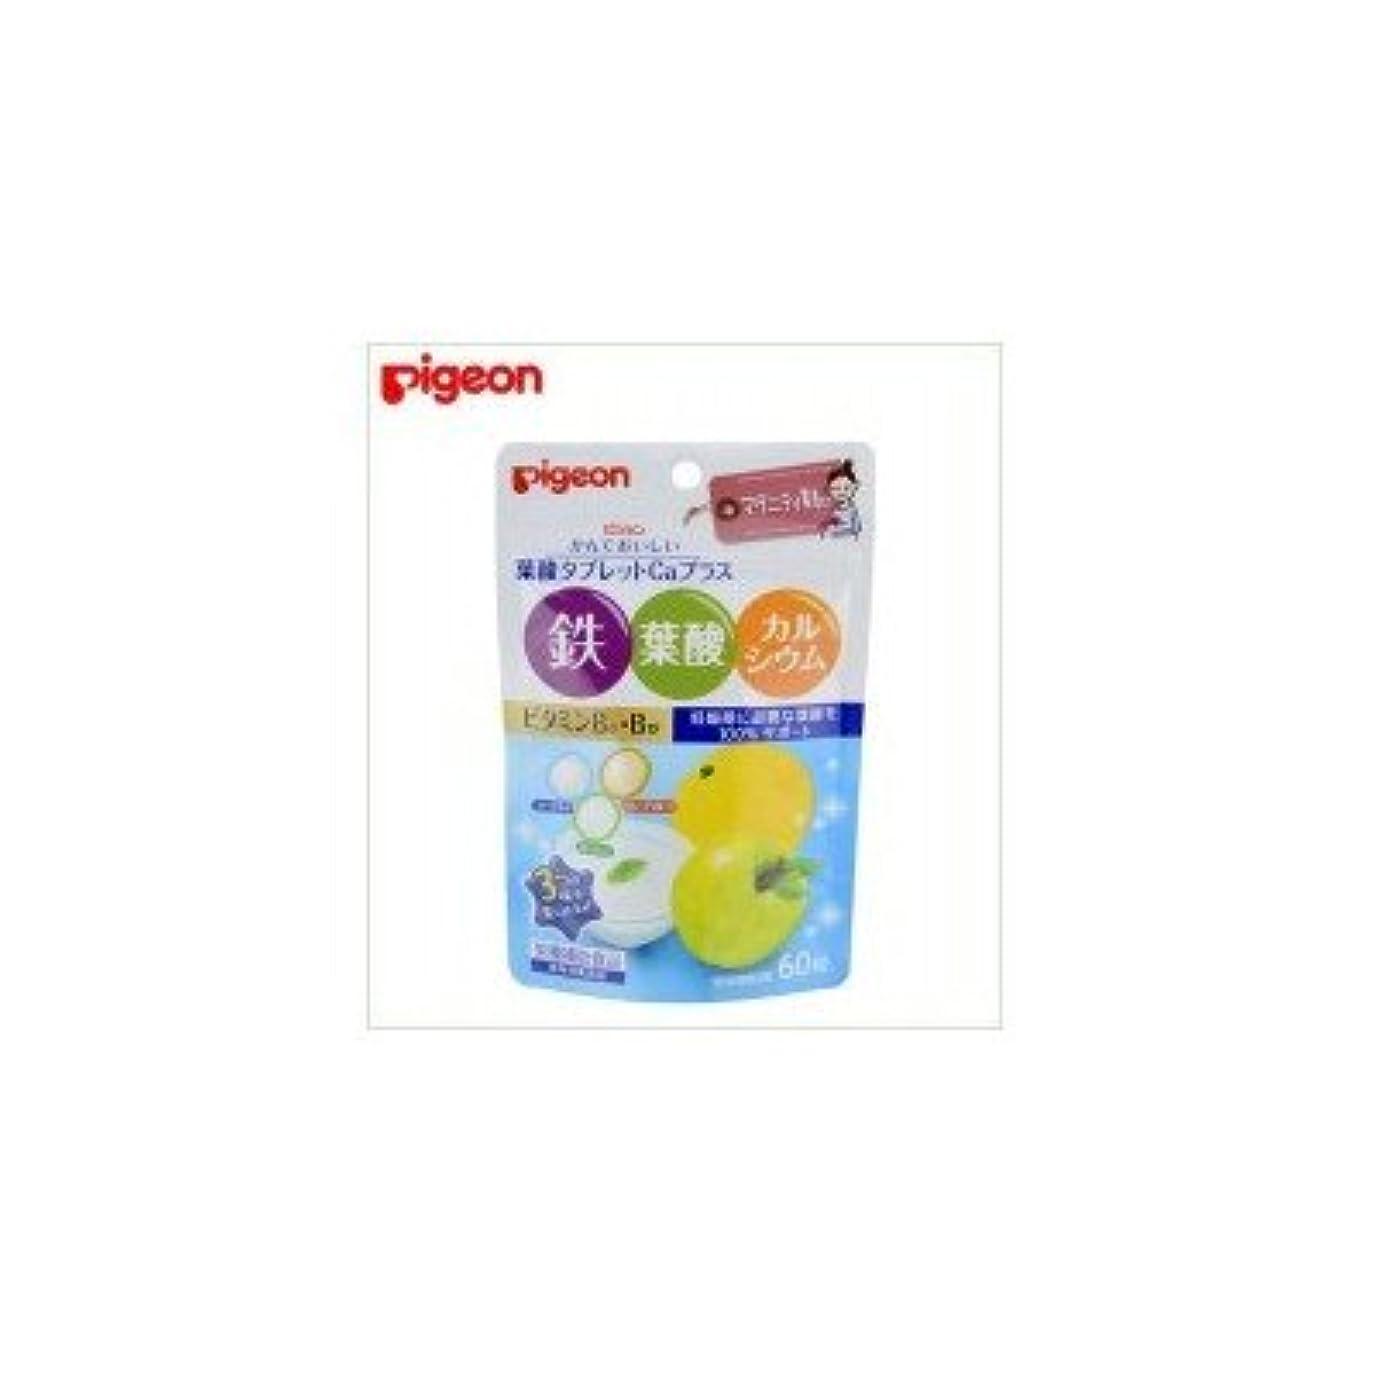 行き当たりばったり広々溶融Pigeon(ピジョン) サプリメント 栄養補助食品 かんでおいしい葉酸タブレット Caプラス 60粒 20446